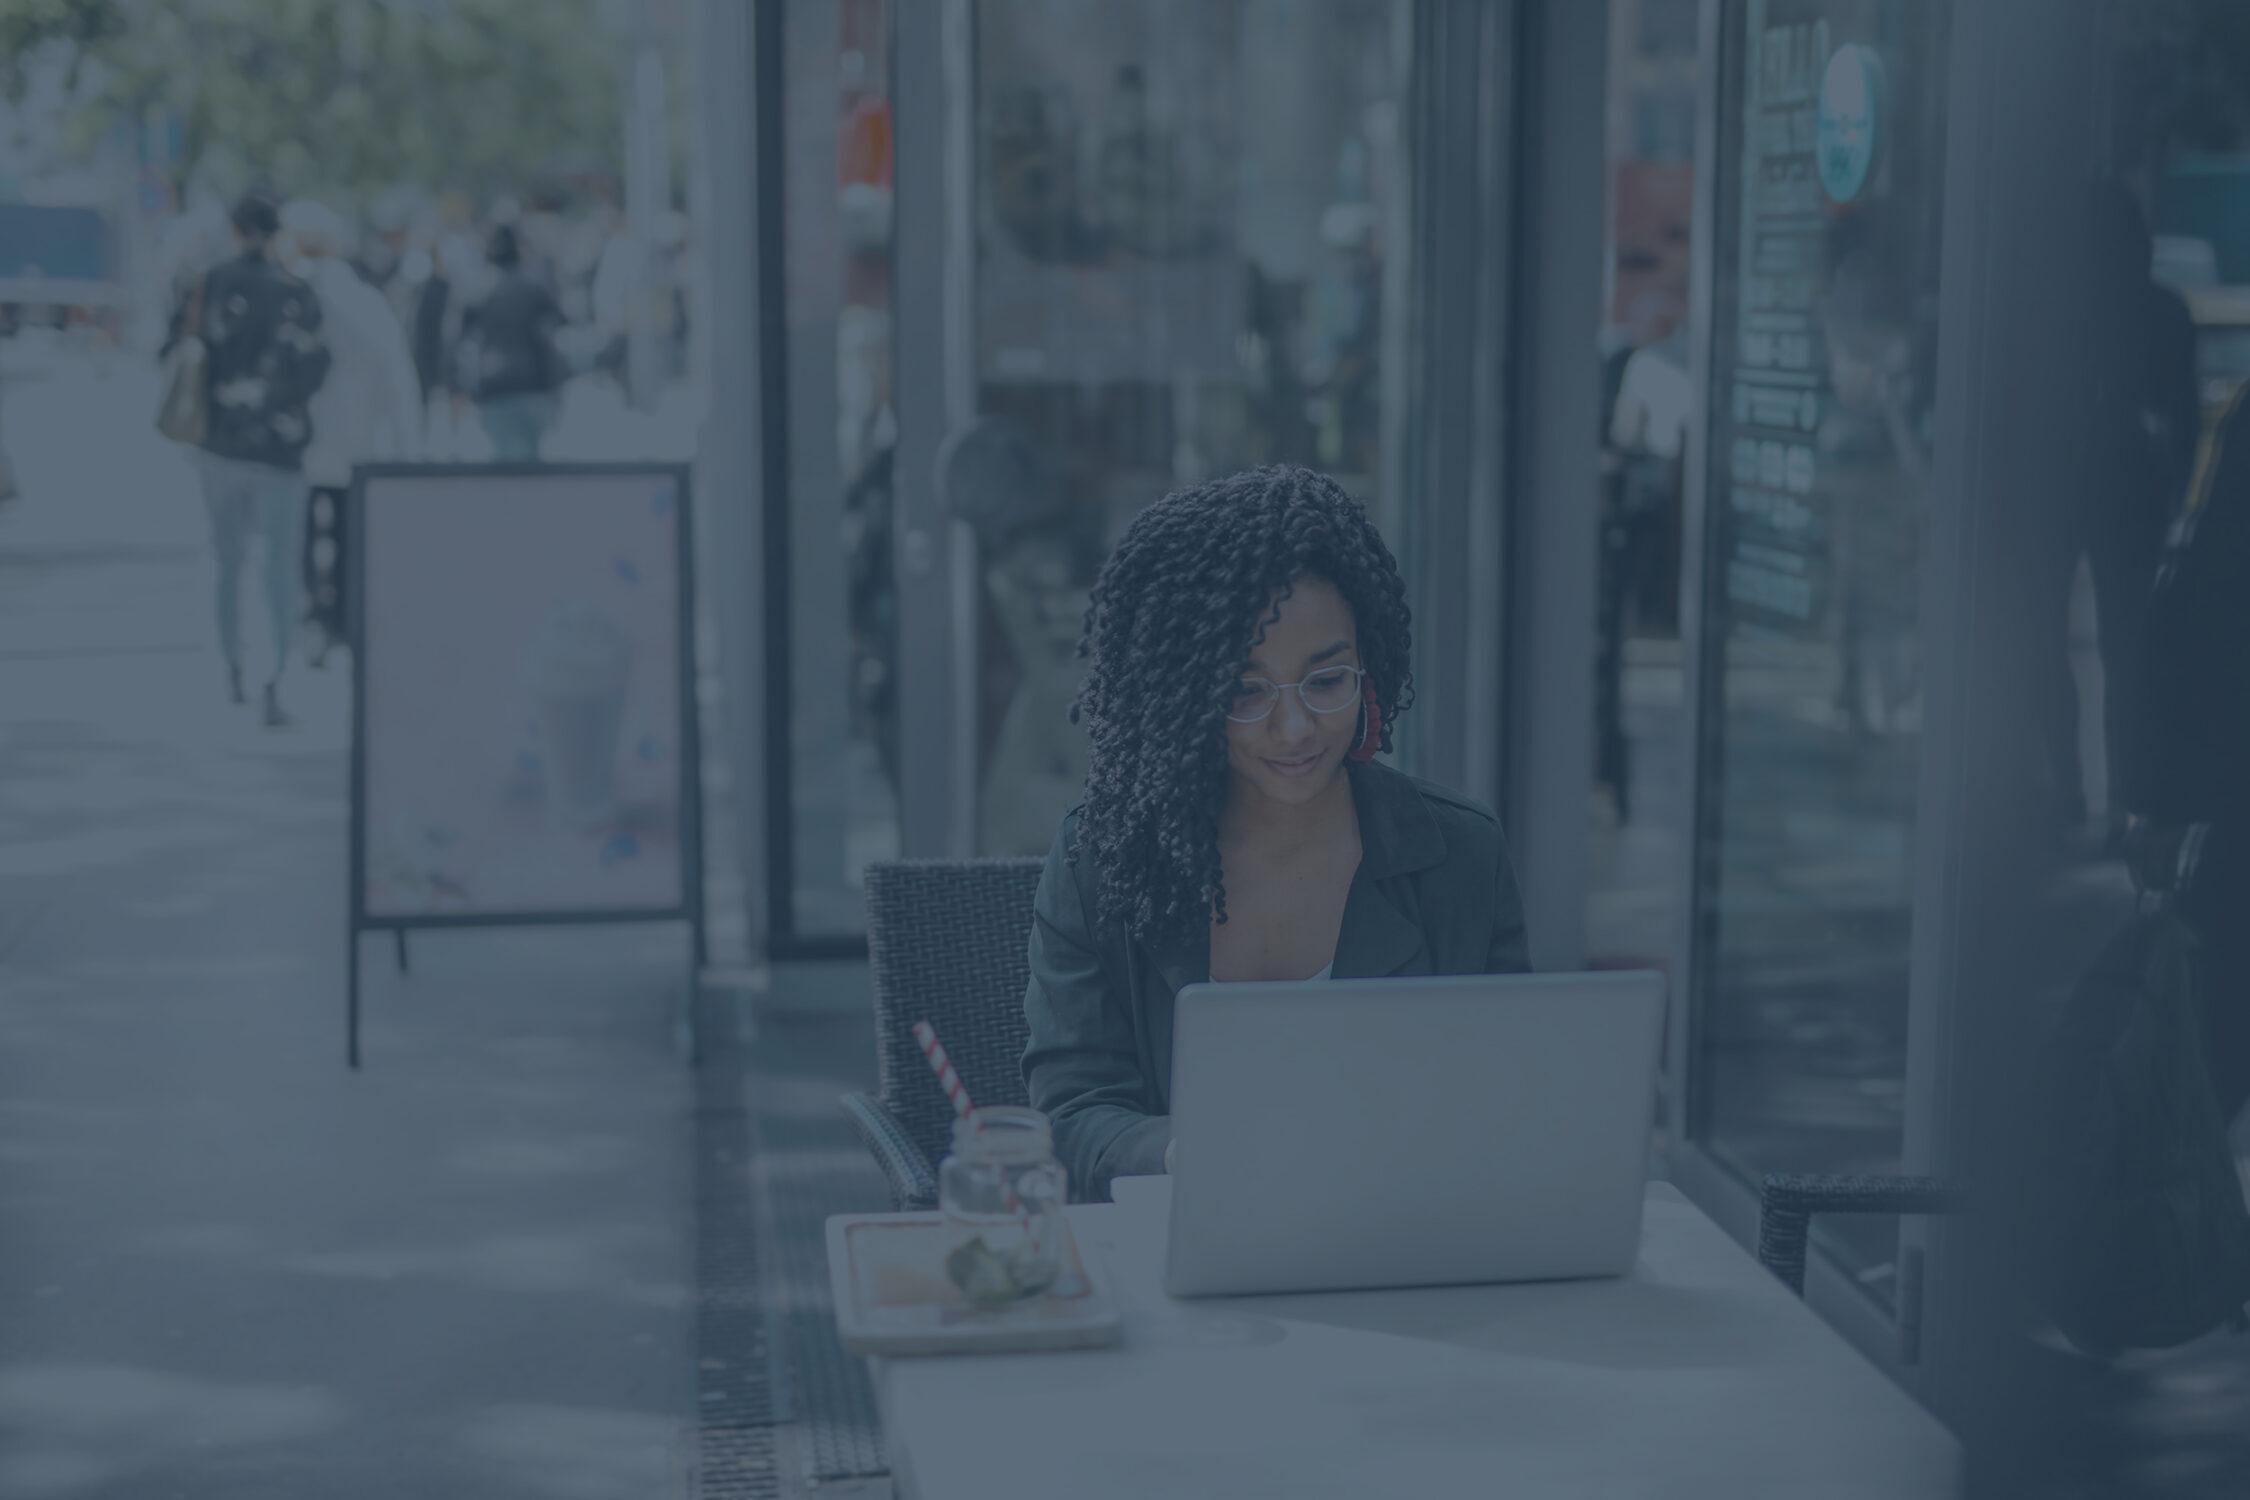 recruitment start up entrepreneur using laptop